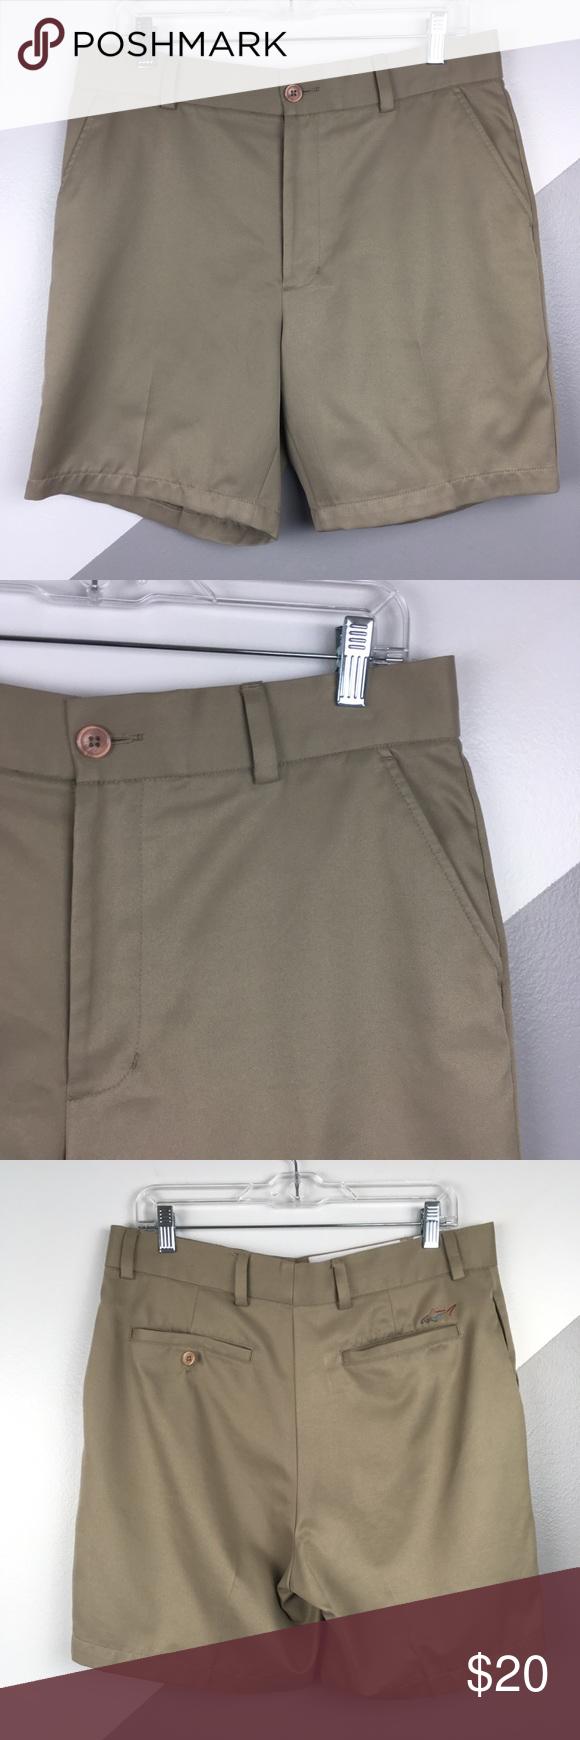 Greg Norman X Tasso Elba 34 Golf Shorts Golf Shorts Shirt Tucked In Shorts